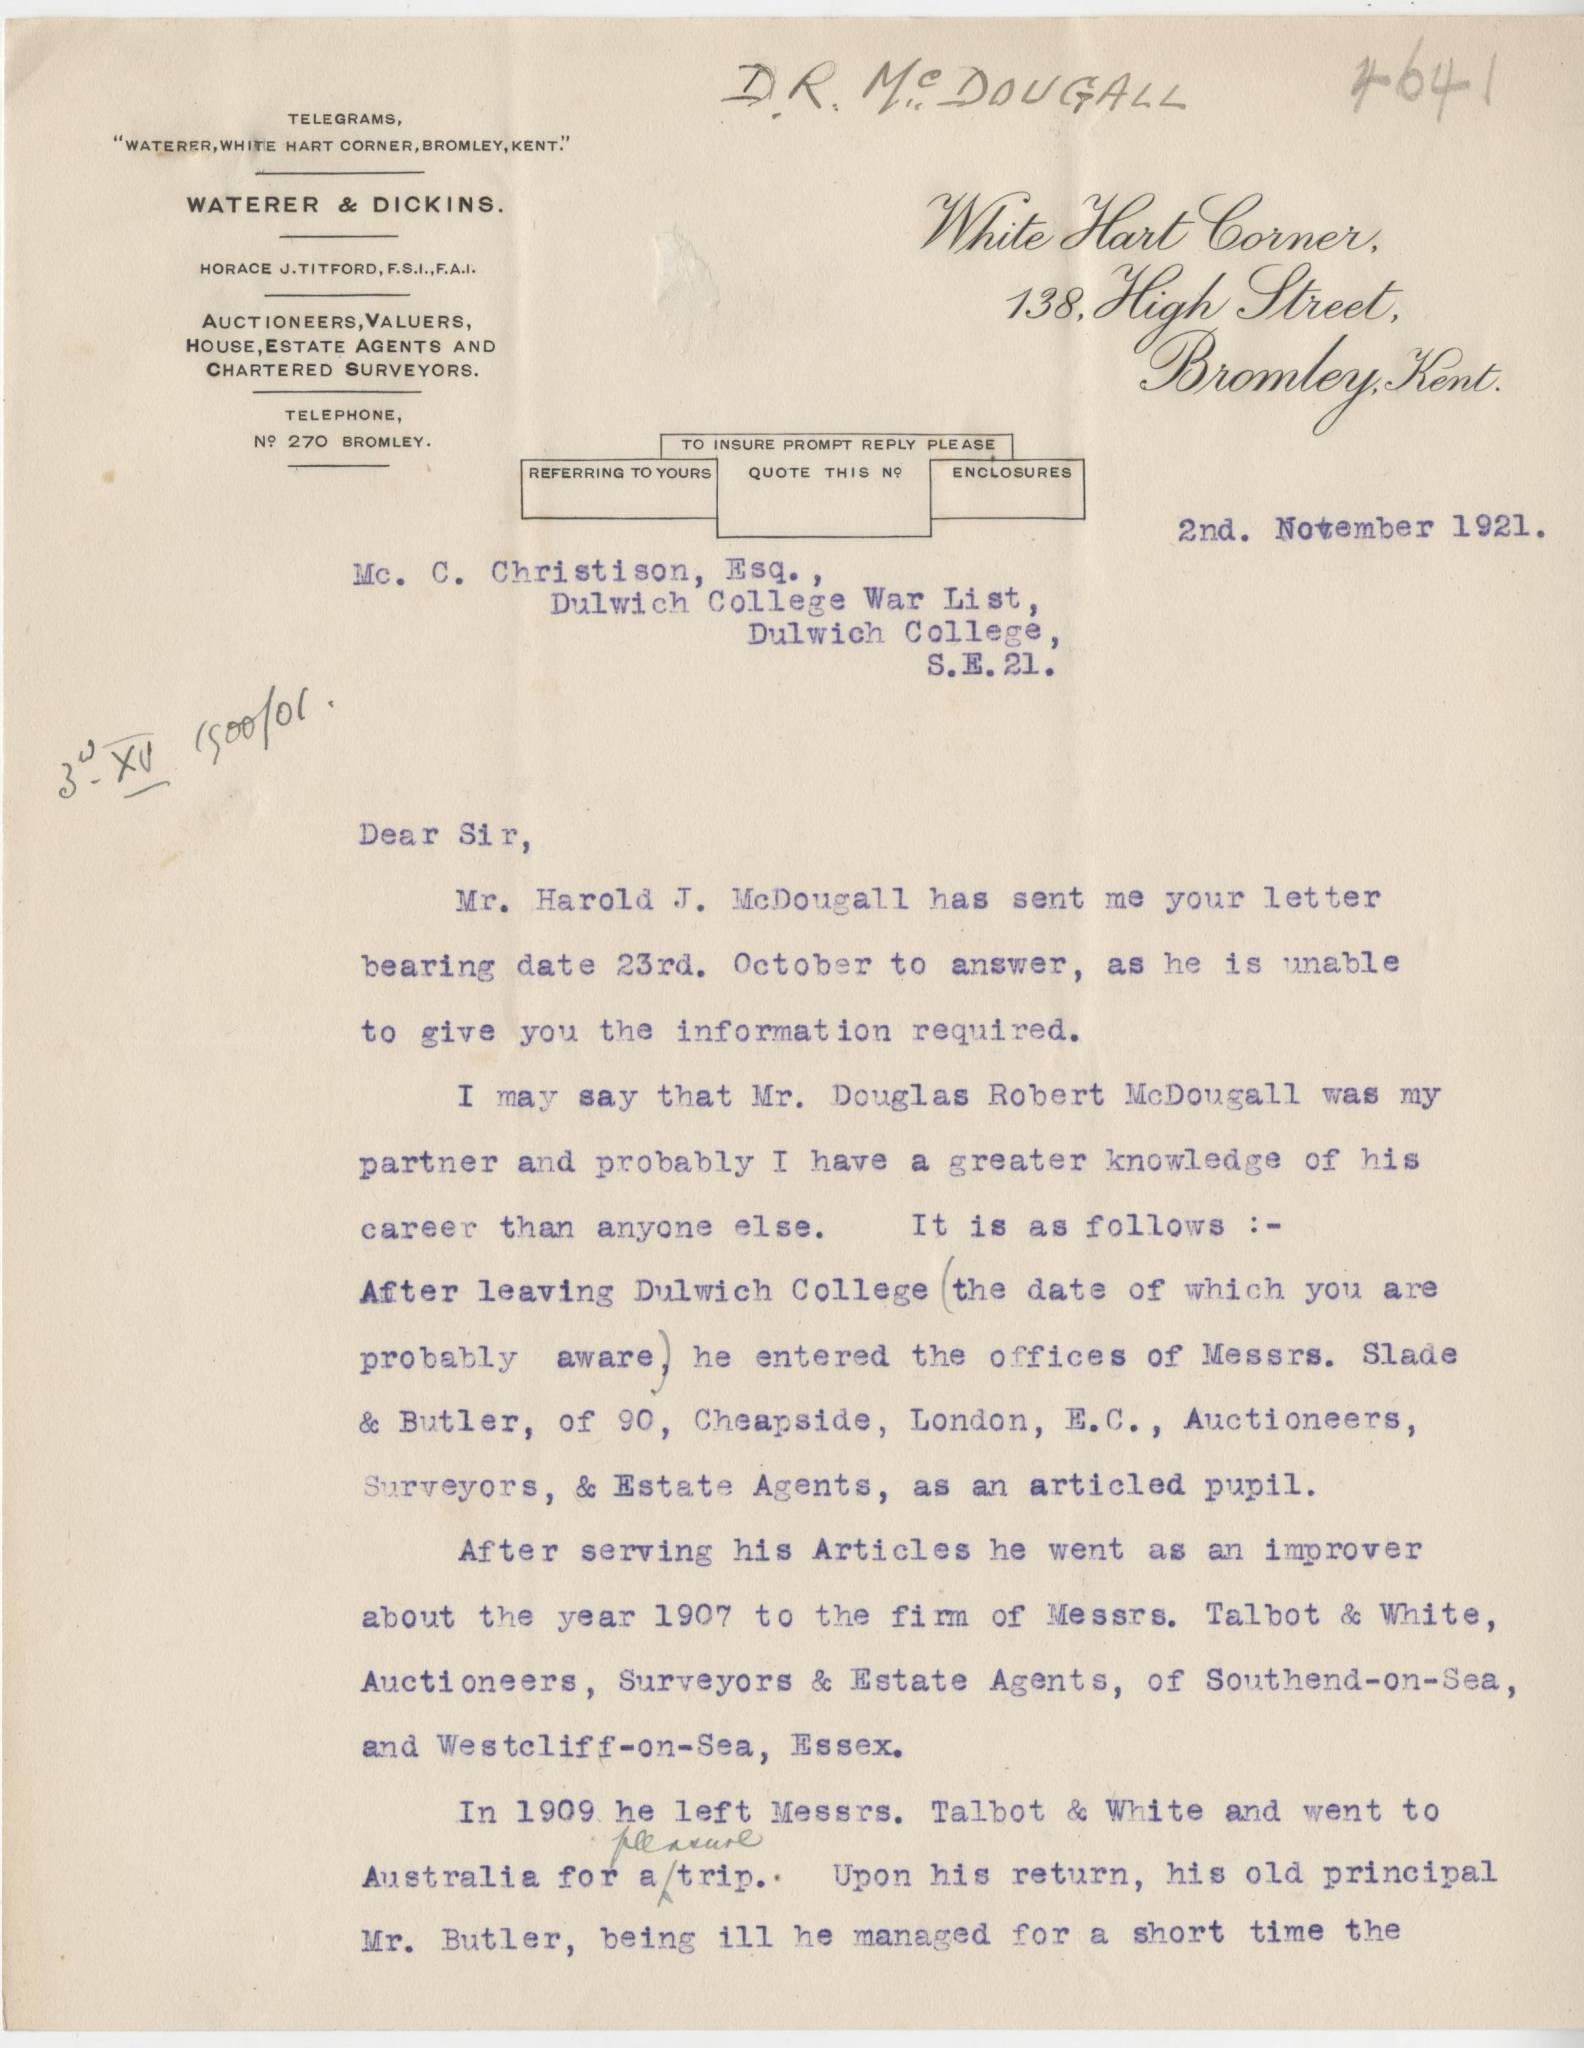 McDougall DR Letter 1